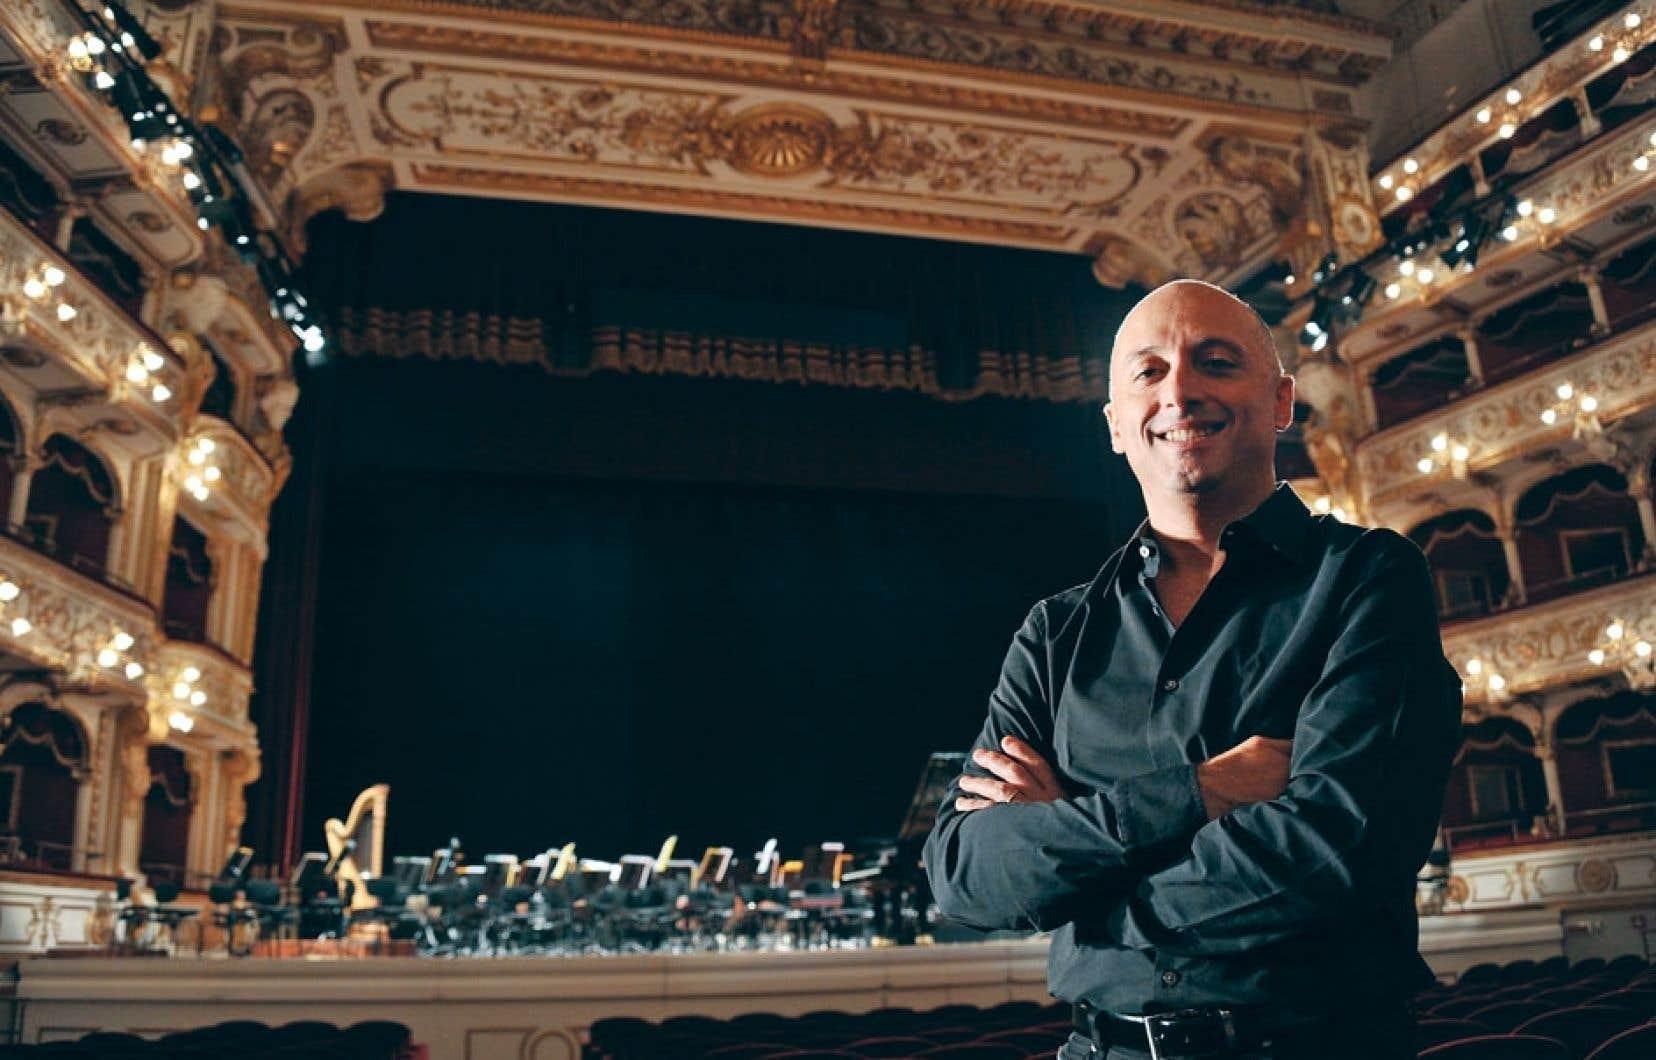 Benedetto Lupo a joué de façon prodigieuse des morceaux de Schumann et Brahms lors de son concert au Festival d'Orford.